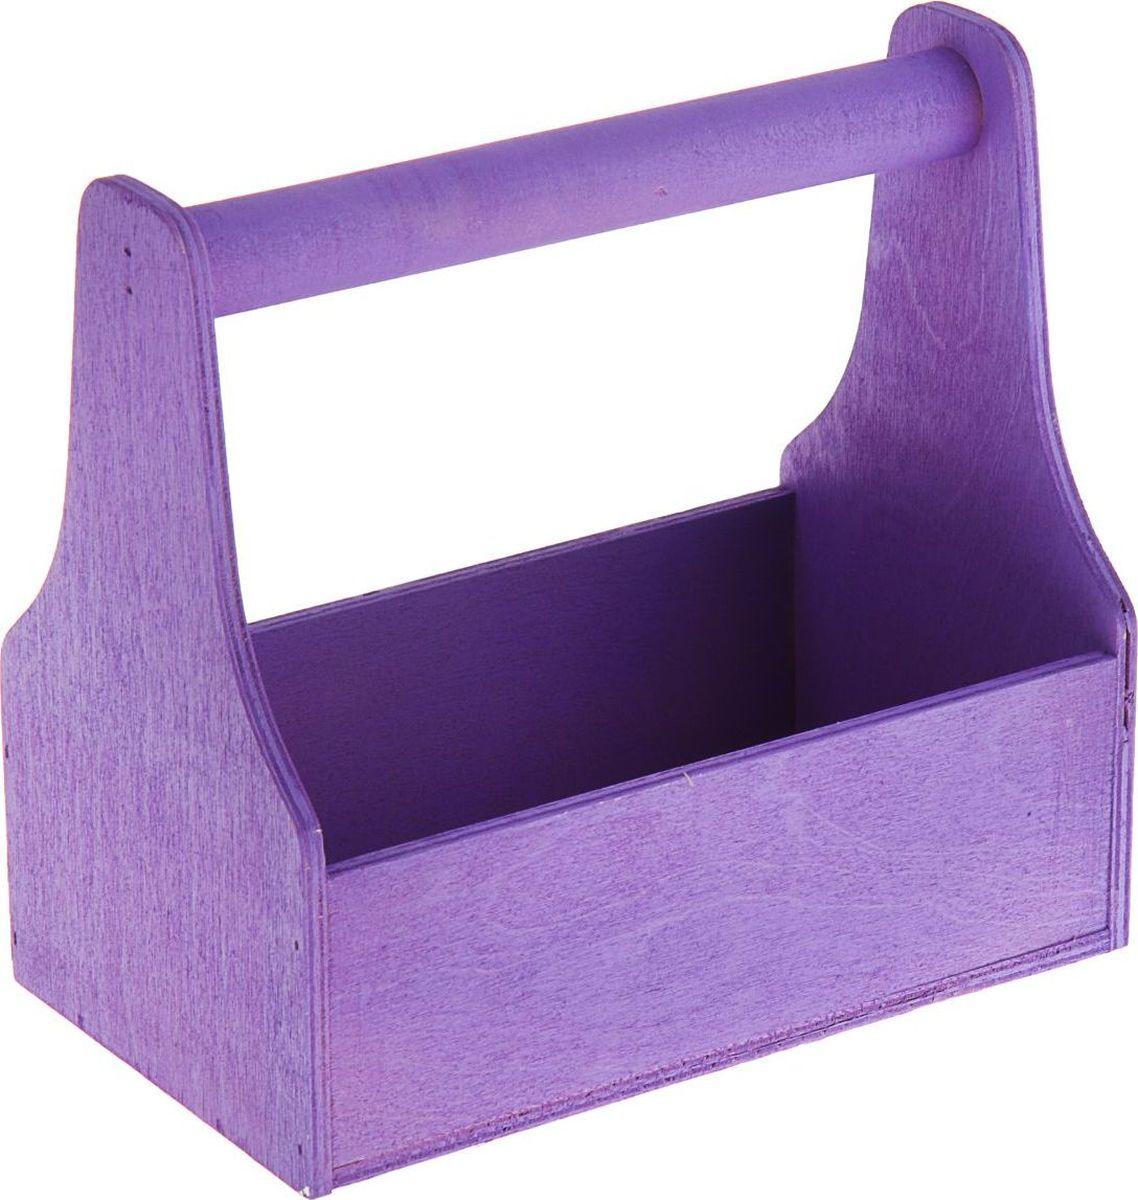 Кашпо ТД ДМ Ящик для инструментов, цвет: фиолетовый, 20 х 20 х 12,5 см1874336Комнатные растения - всеобщие любимцы. Они радуют глаз, насыщают помещение кислородом и украшают пространство. Каждому из растений необходим свой удобный и красивый дом. Милые деревянные изделия наполнят атмосферу уютом и придадут интерьеру стильную ноту. Кашпо Ящик для инструментов особенно выигрышно будет смотреться в экстерьере: на террасах и в беседках. К тому же, цветочкам очень понравится расти в такой подставке из натурального дерева. Добавьте окружающему пространству чуточку прованса!